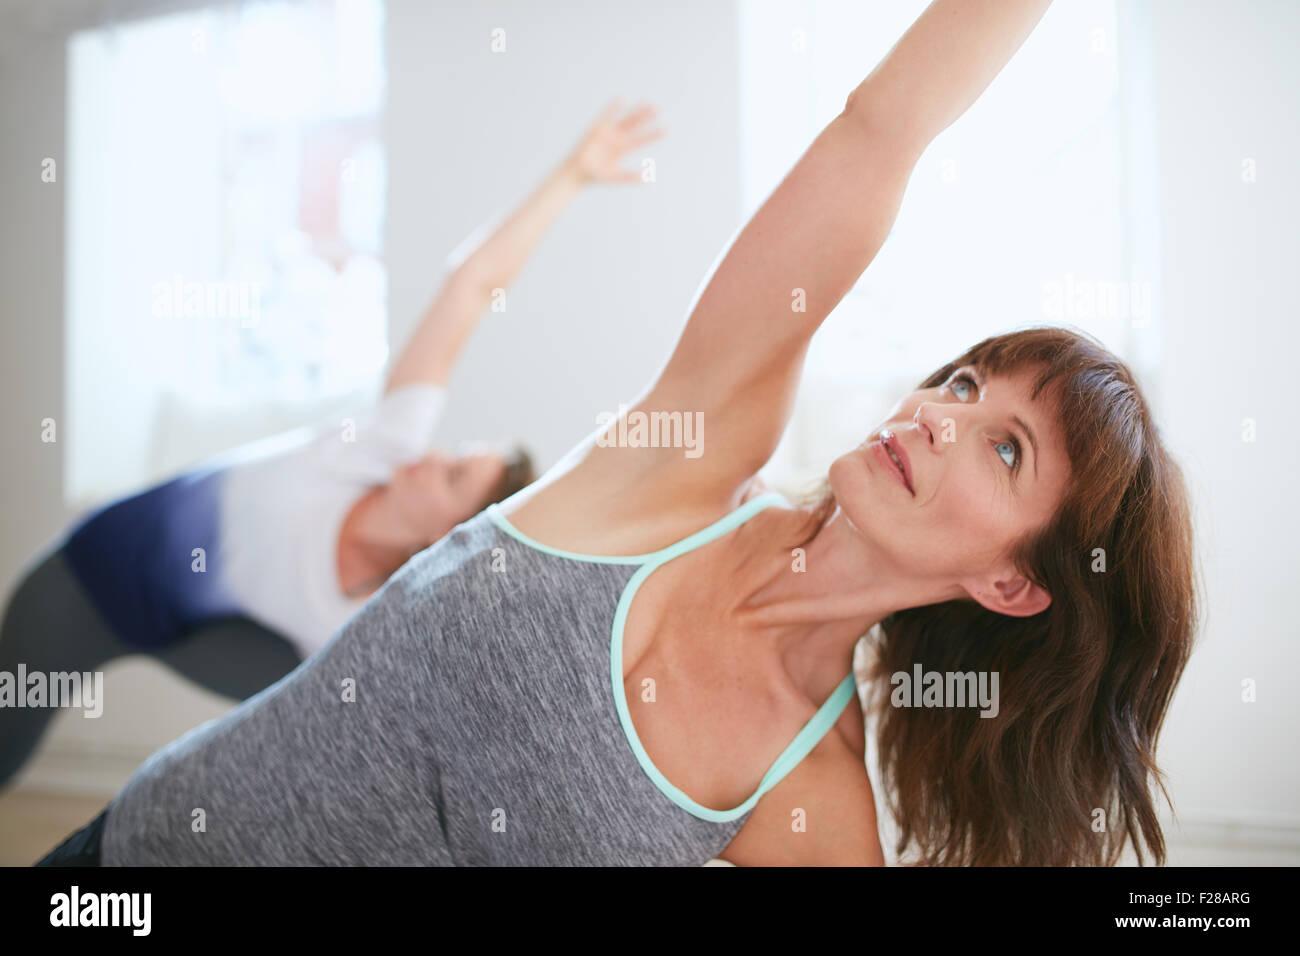 Retrato de mujer madura practicando yoga en el gimnasio. Fitness femenino haciendo Triángulo Trikonasana Pose Imagen De Stock